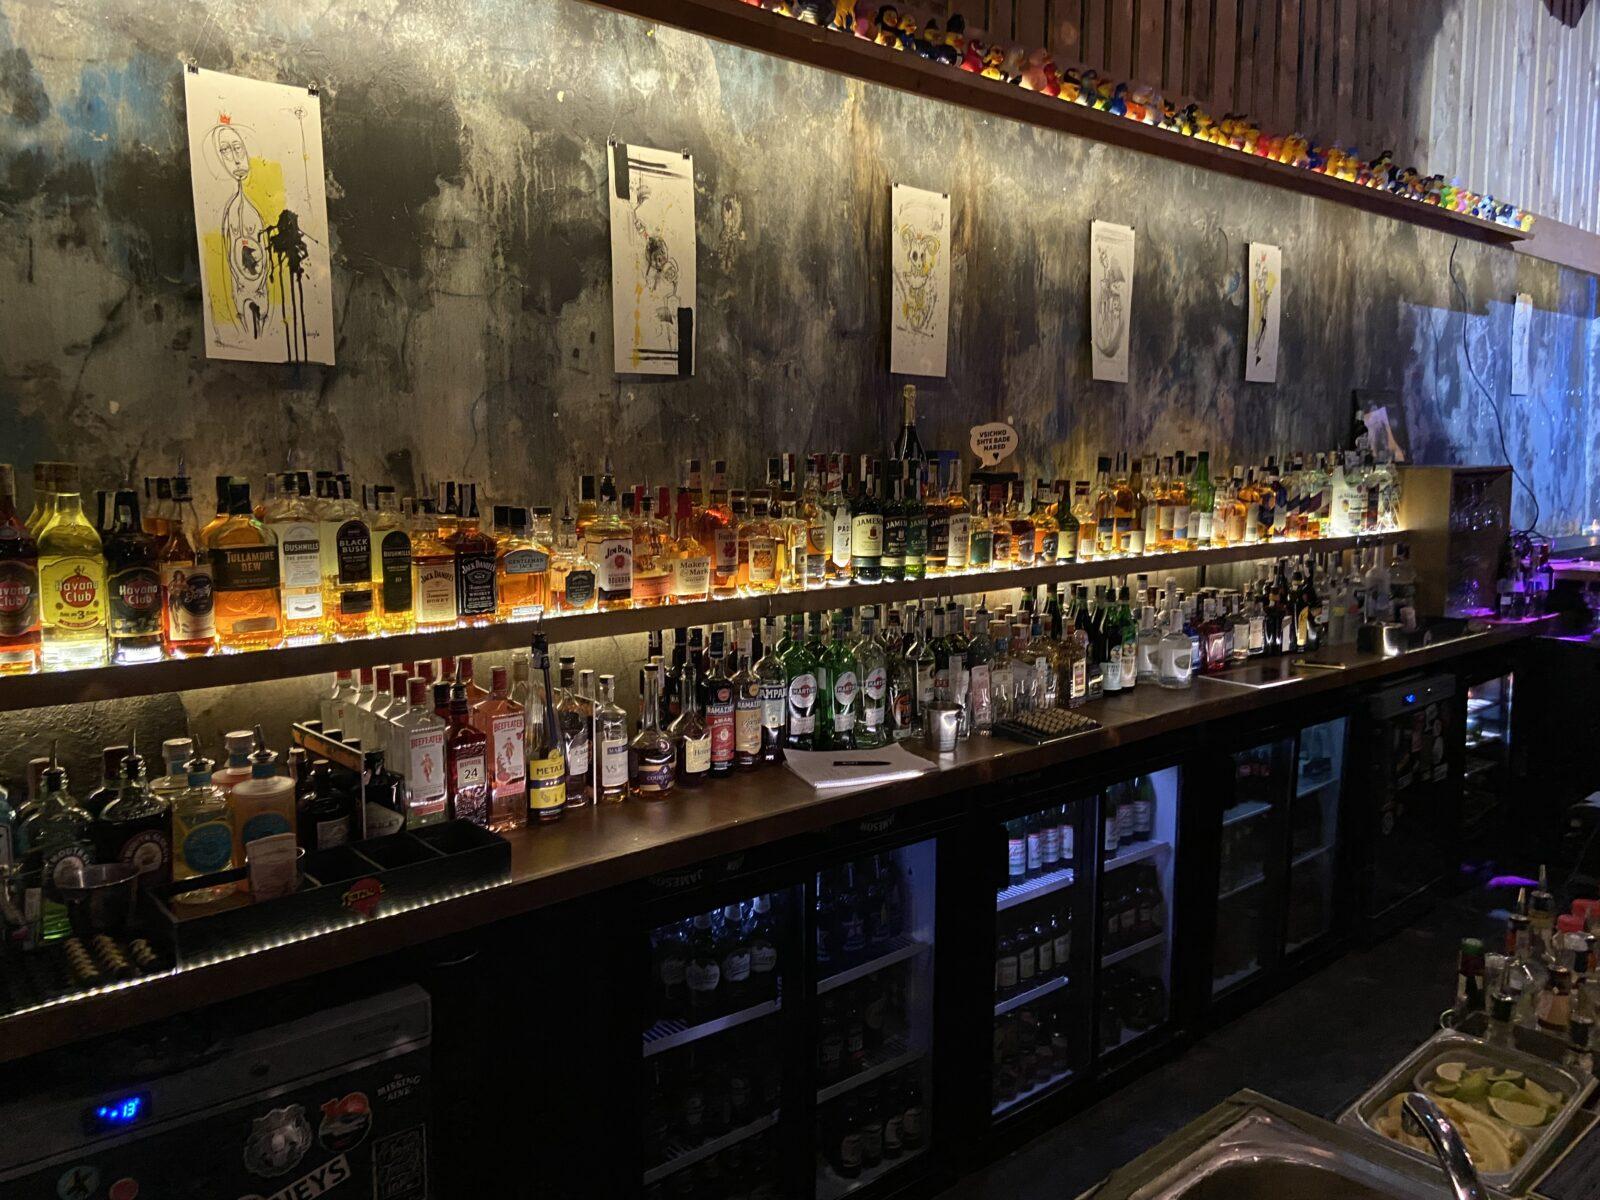 The bar at Bar Friday.